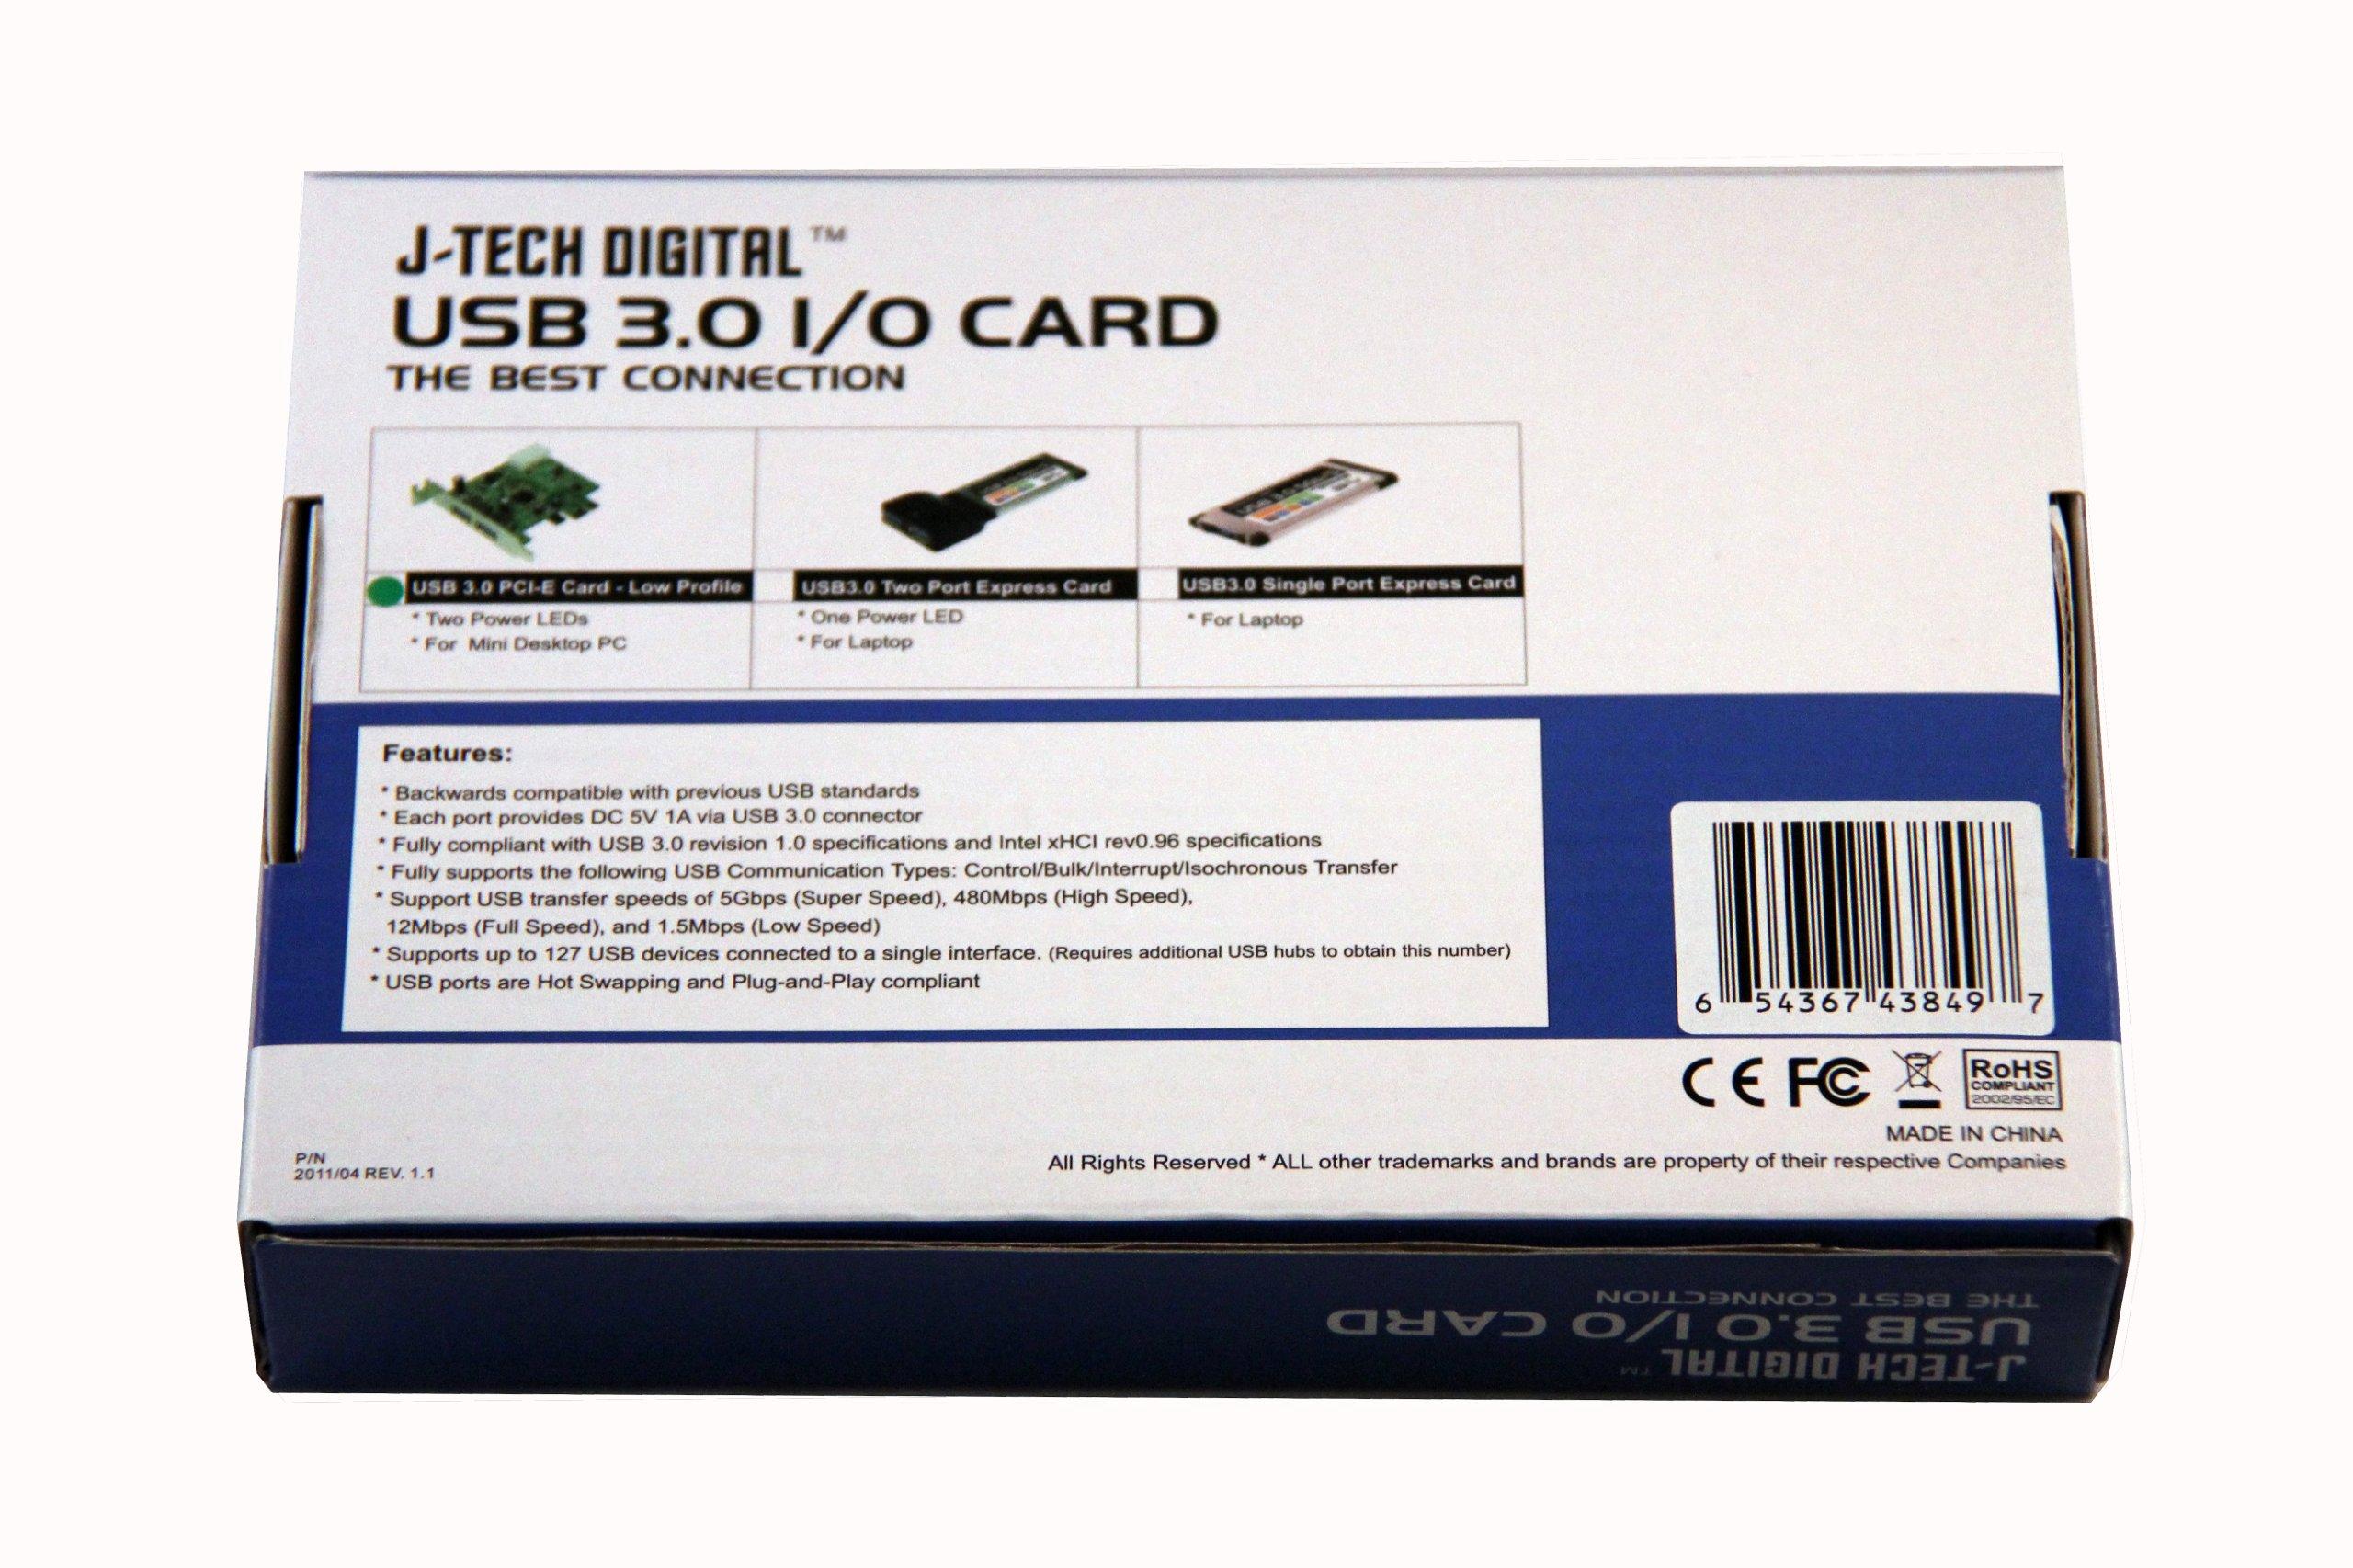 J-Tech Digital JTD-UH302E 2-Port Super Speed USB 3.0 Express Card Adapter for Laptop